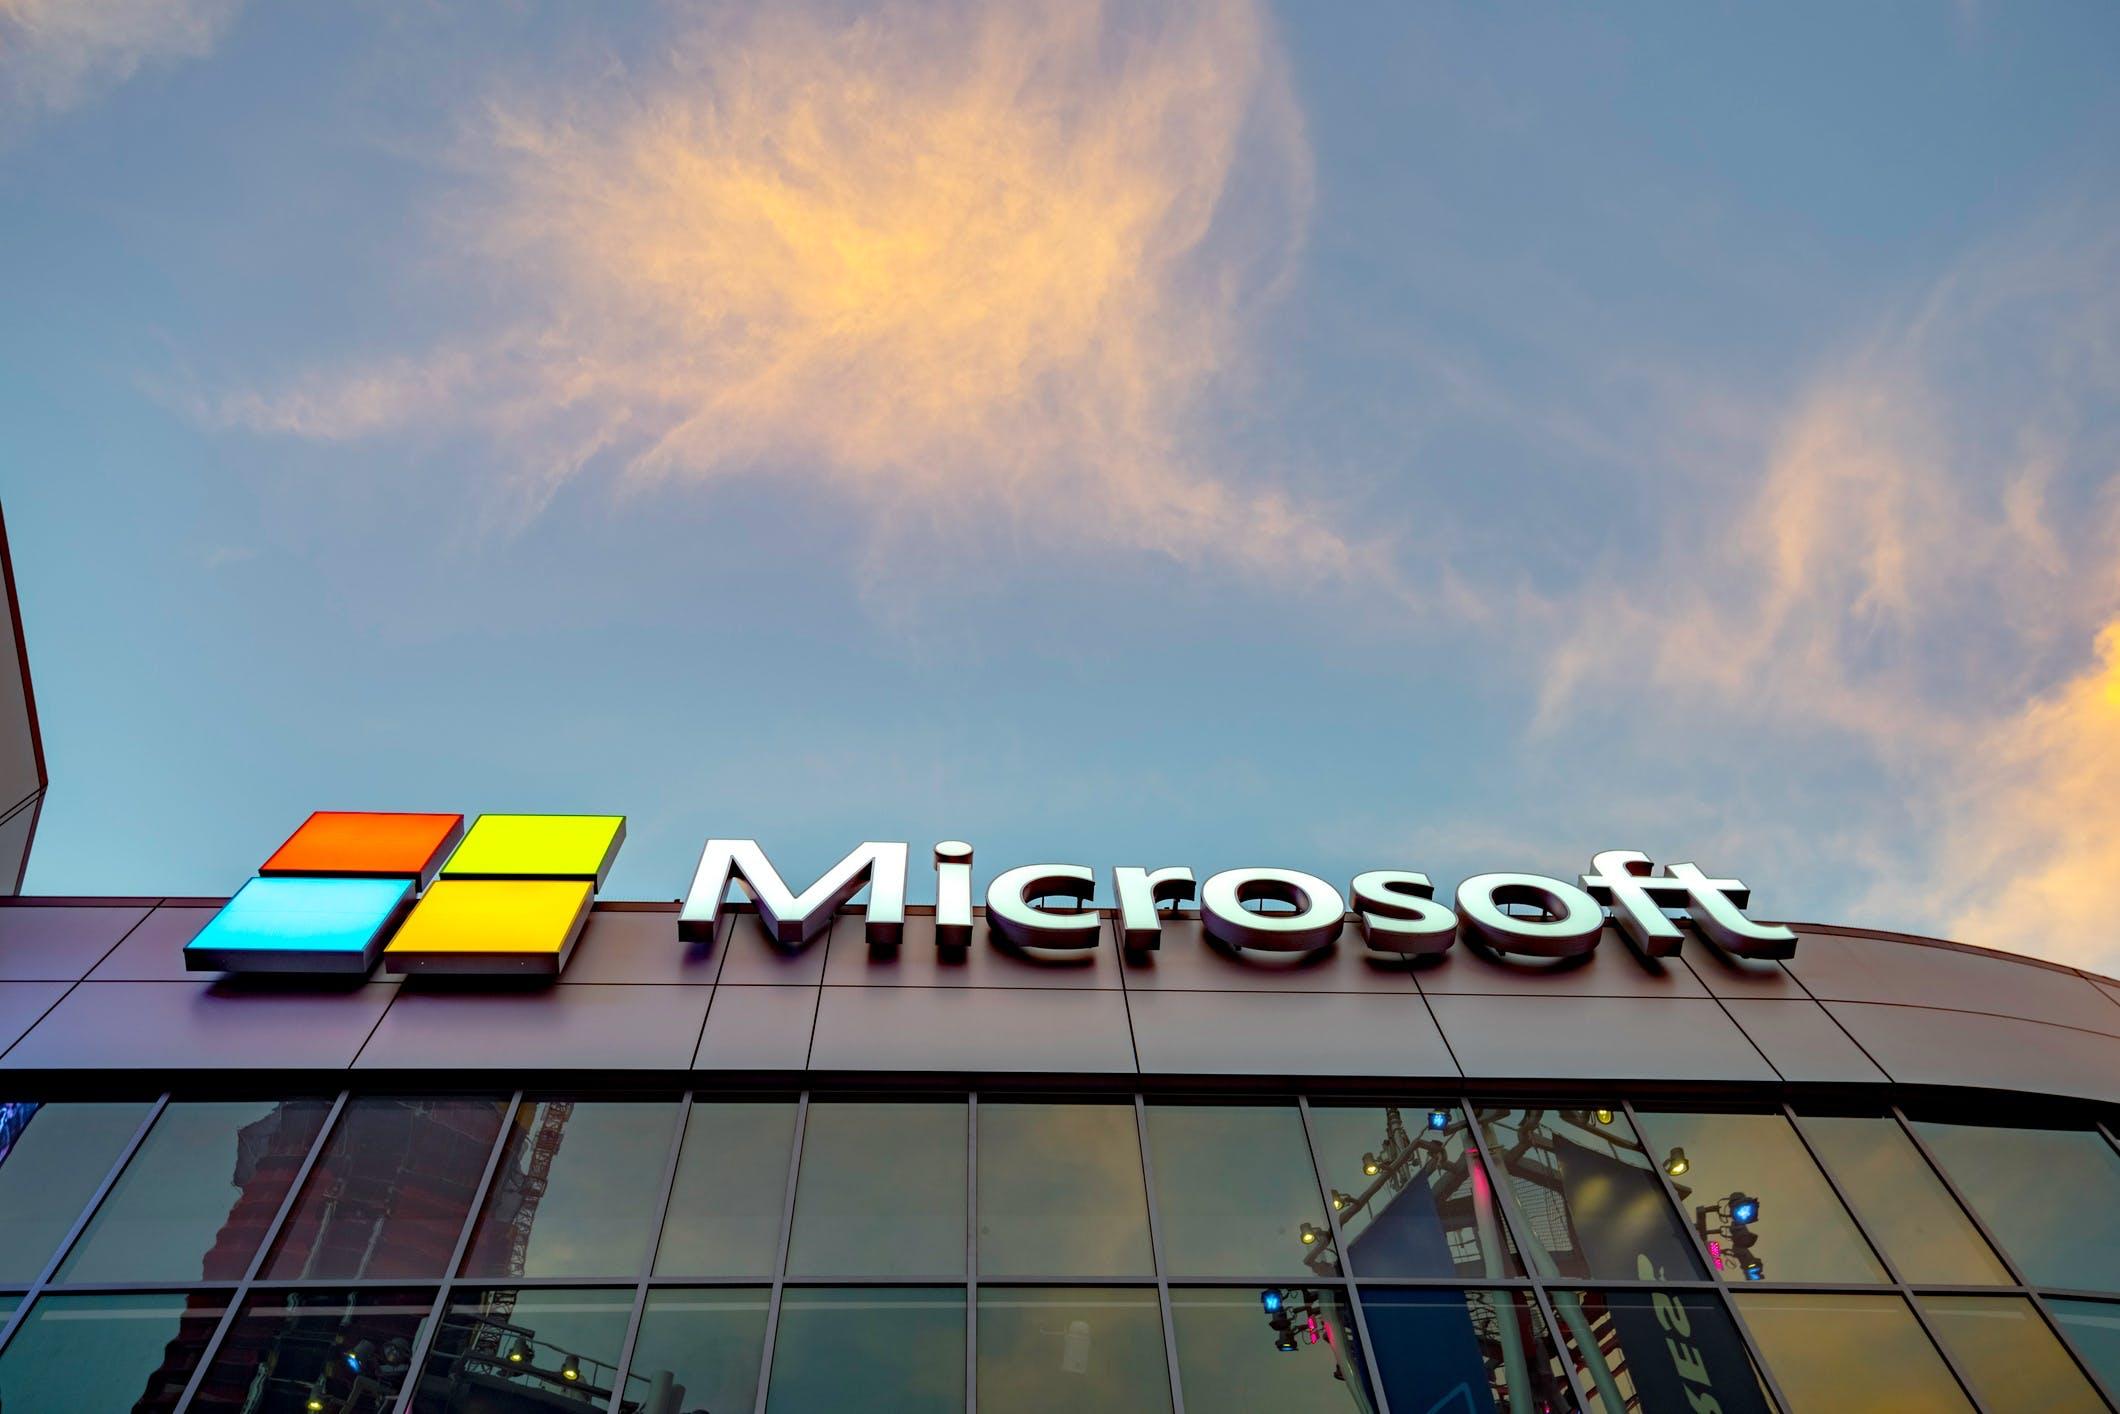 Titelbild-Microsoft-Azure-Sphere-Logo-Gebäude-iStock-917844370-4kodiak